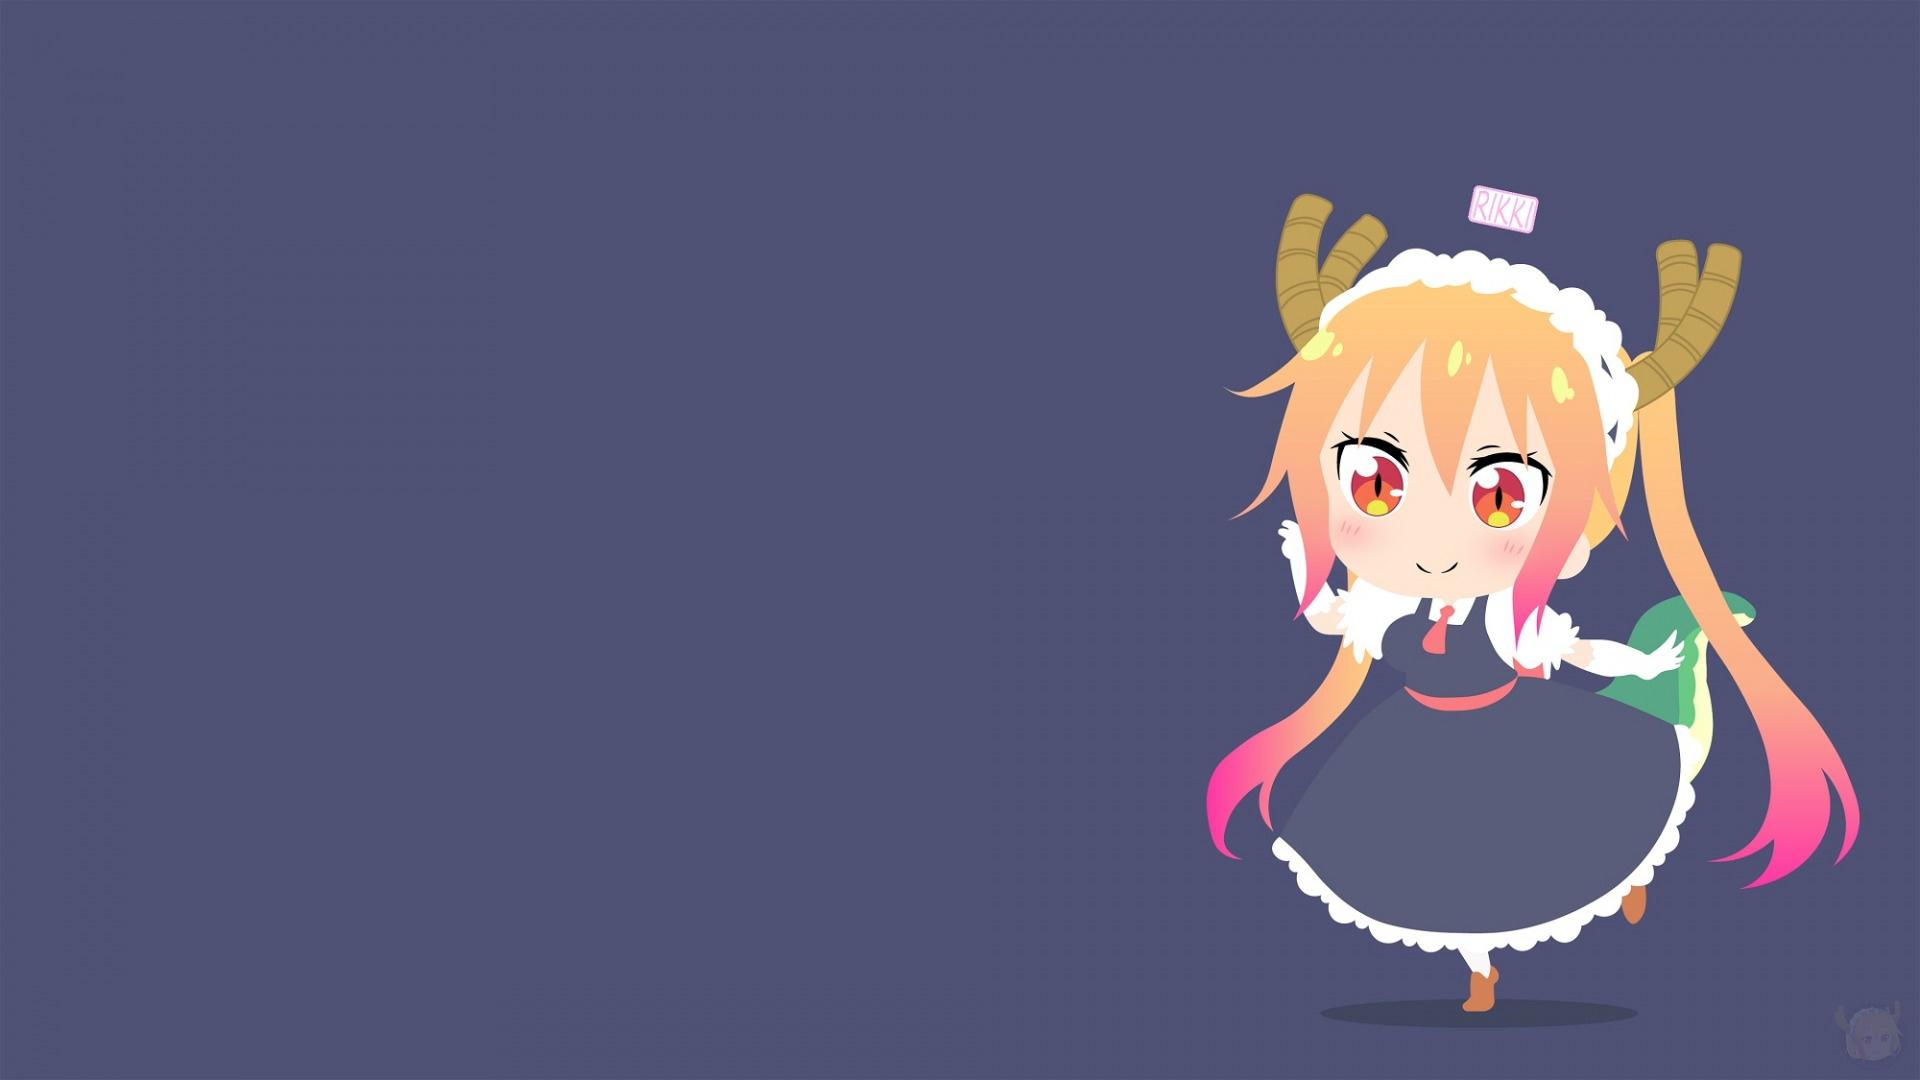 Anime Girl Smile background wallpaper